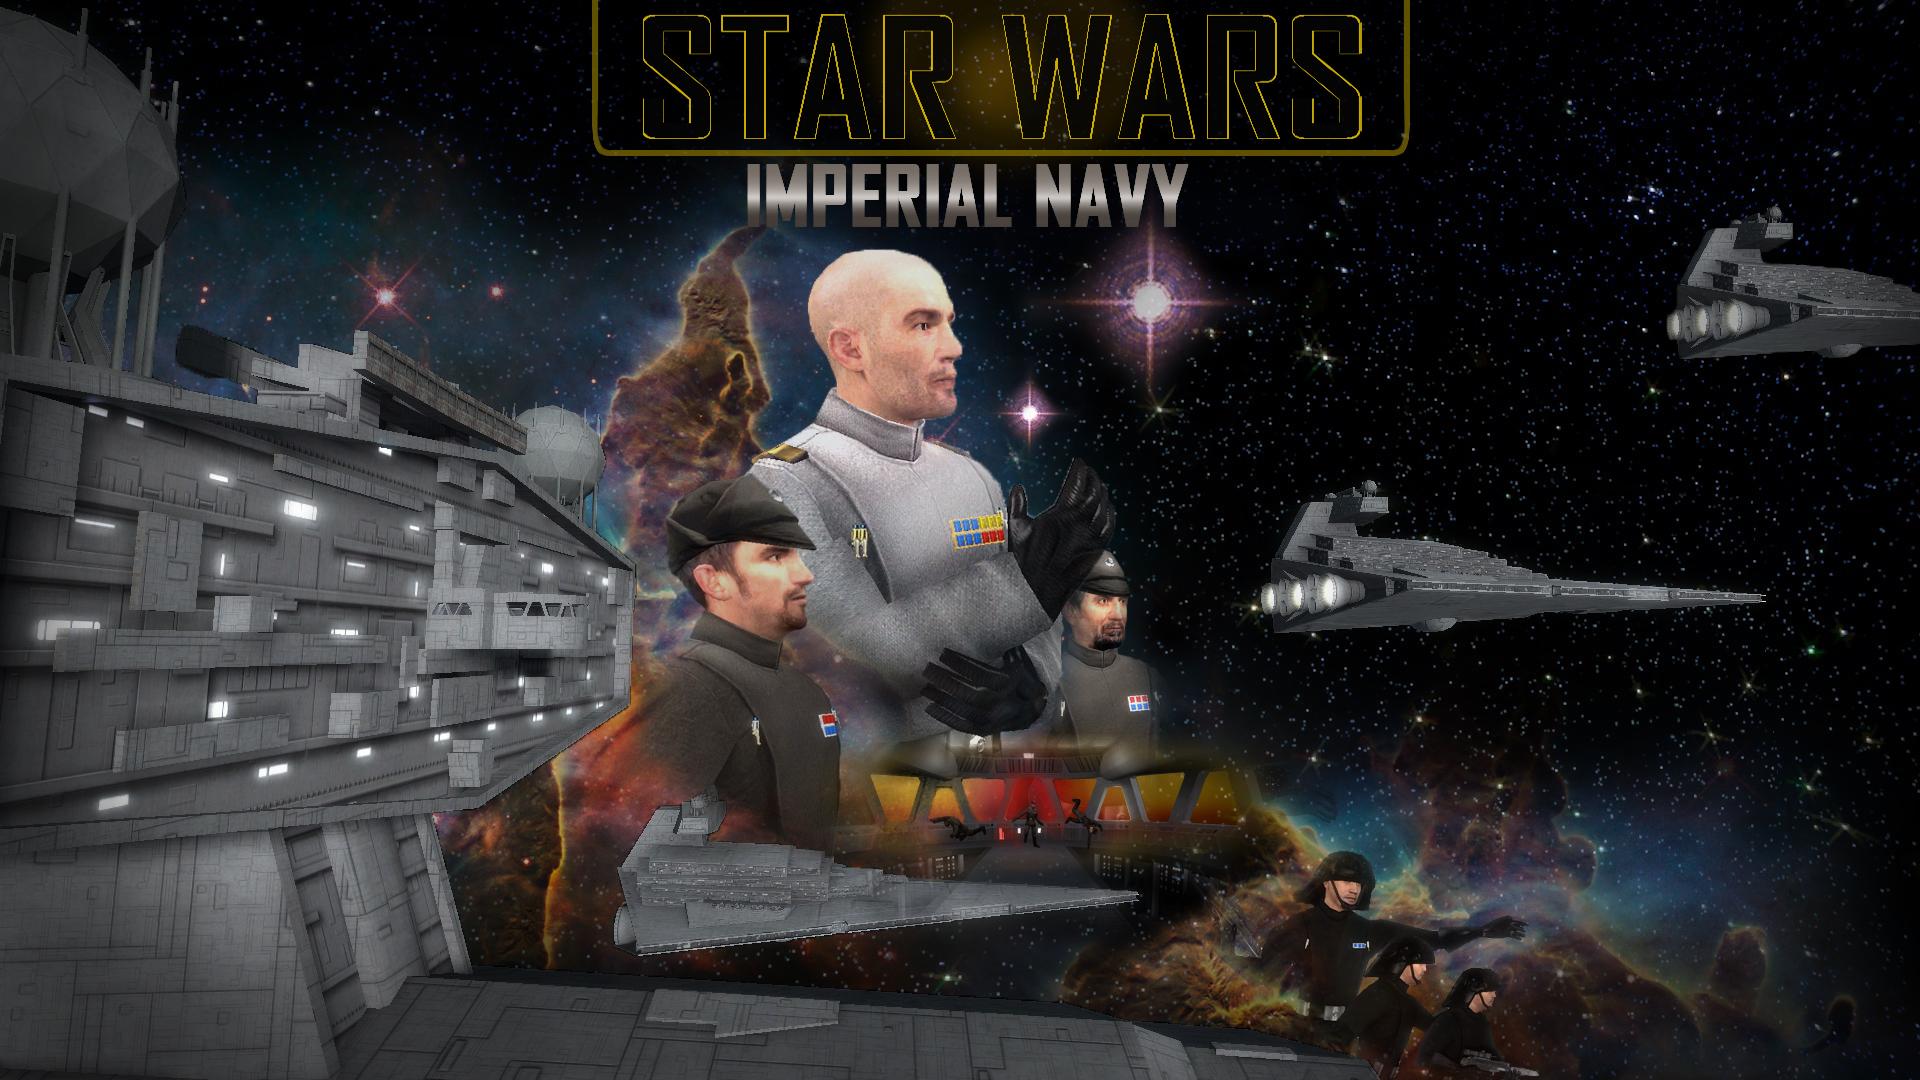 Steam Workshop Star Wars Galactic Empire Navy